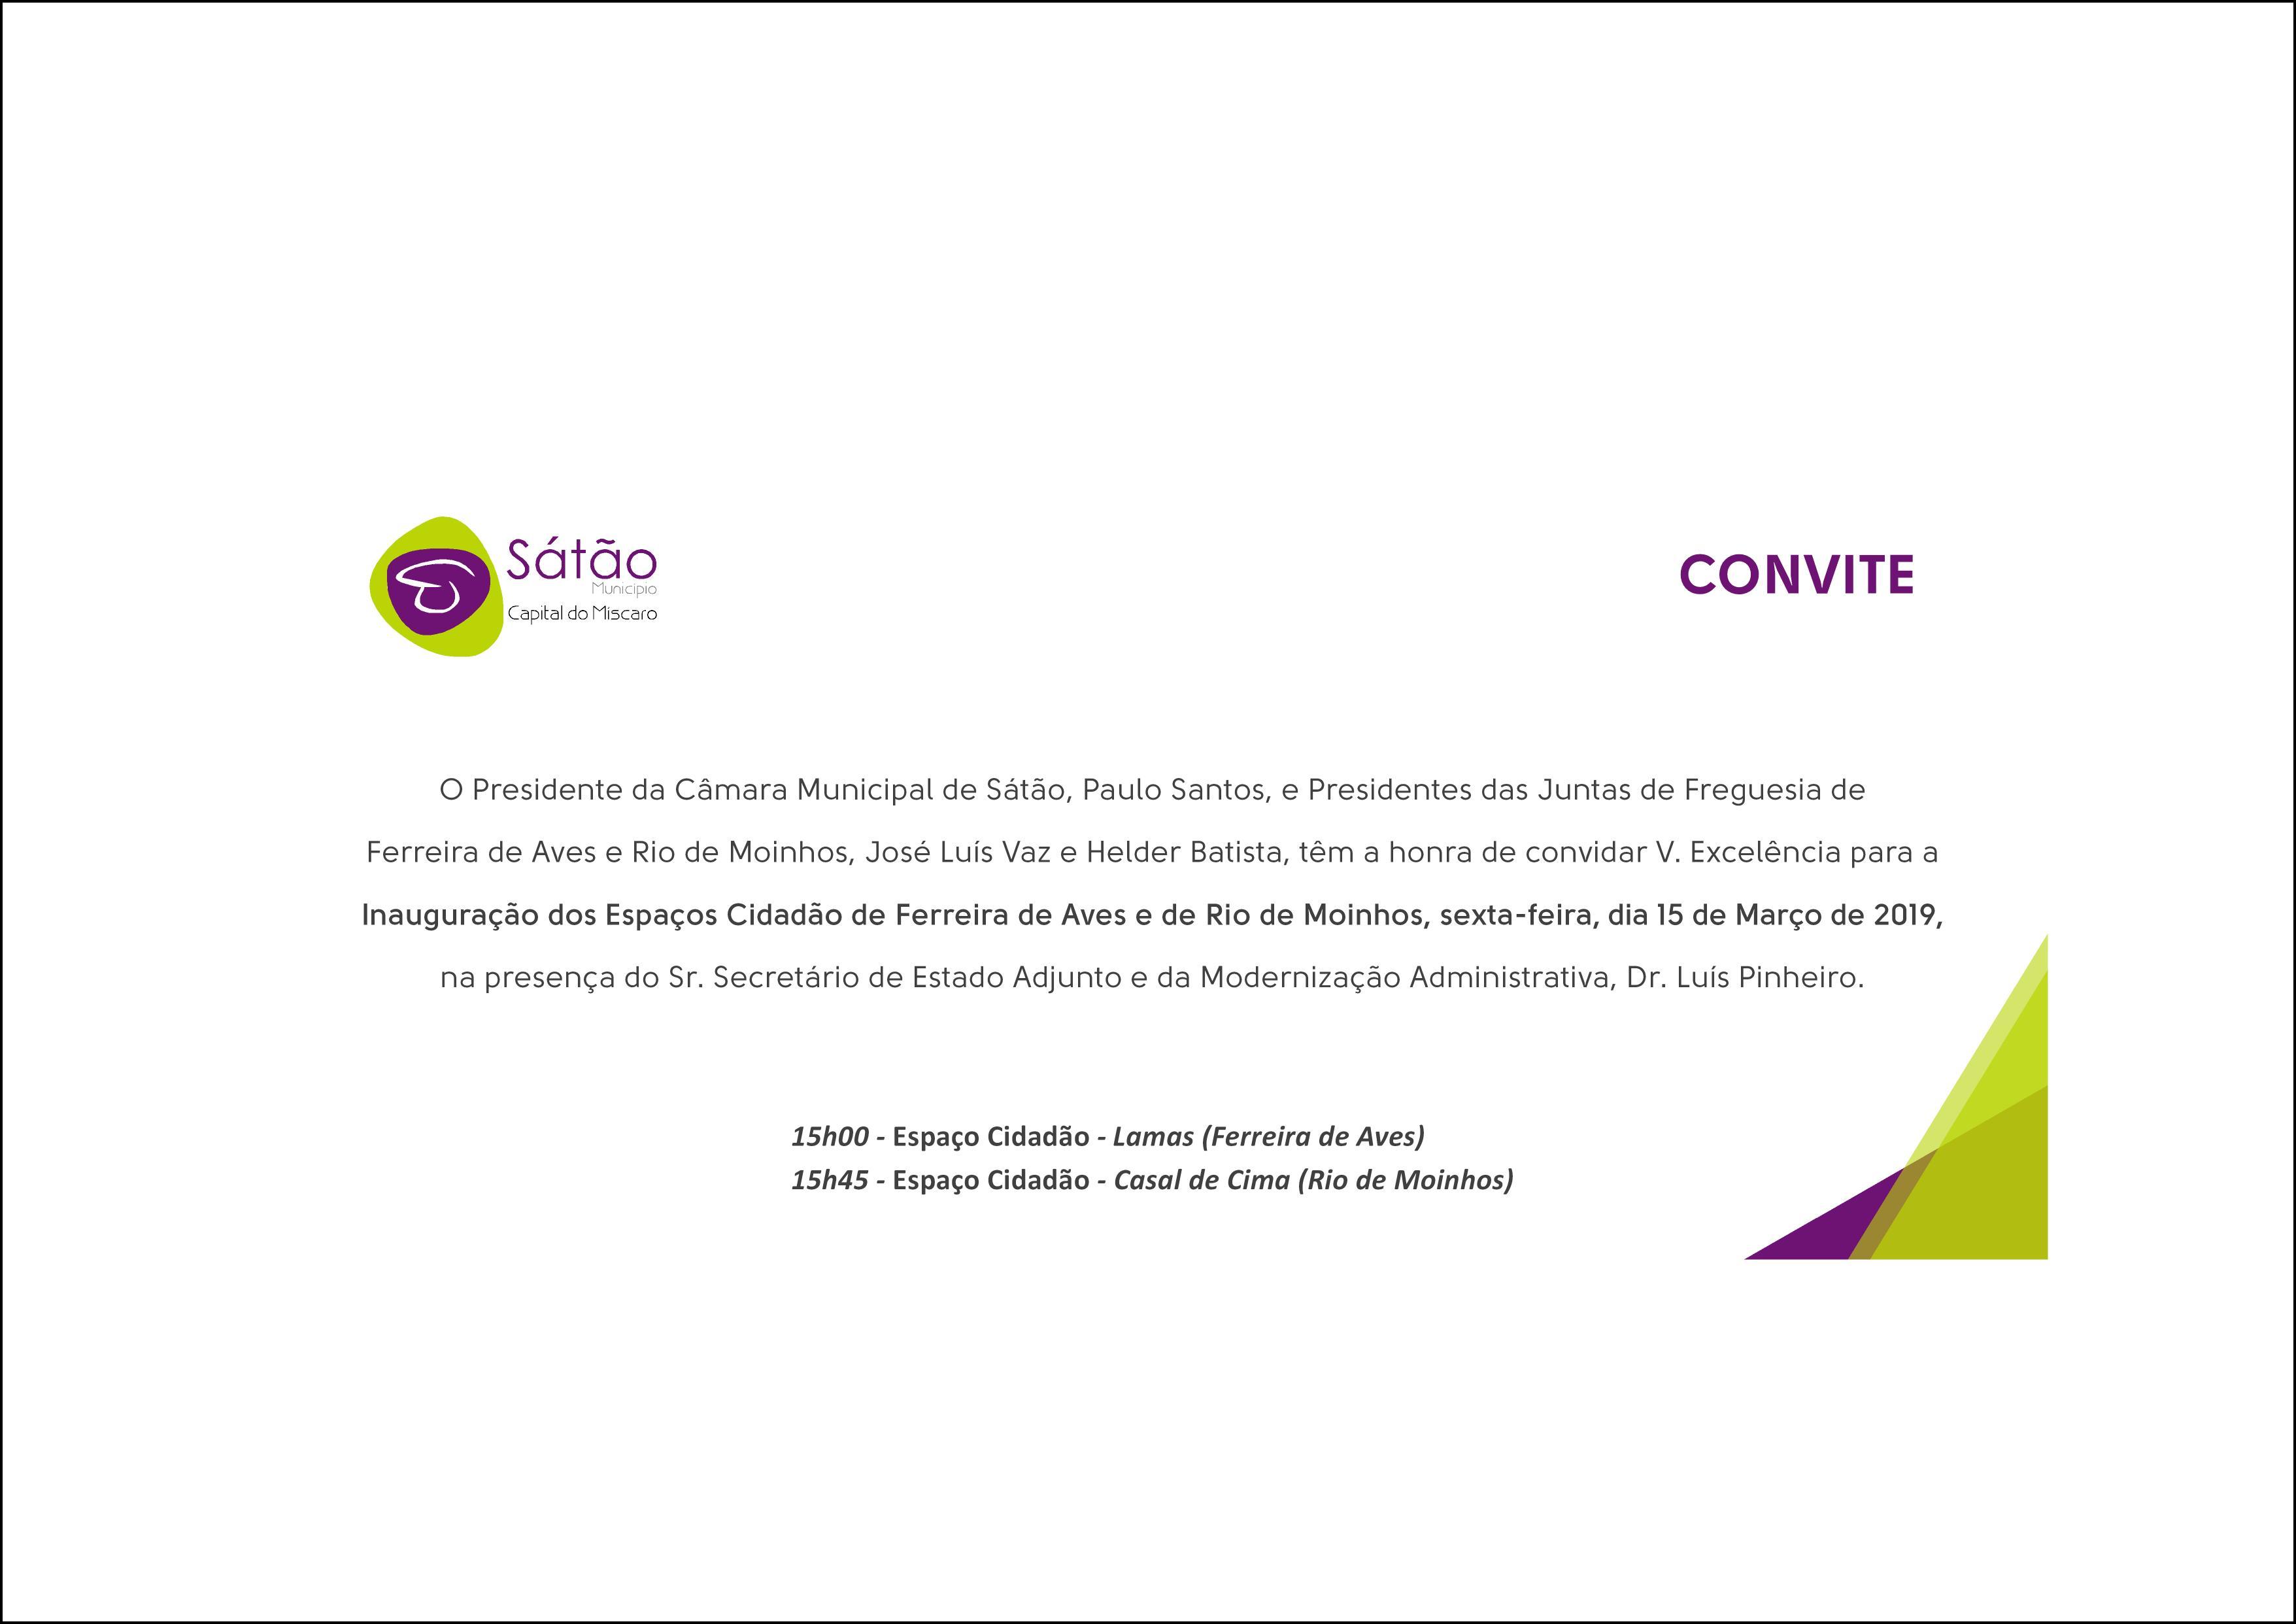 c6fd47ff8 Inauguração dos Espaços Cidadão de Ferreira de Aves e Rio de Moinhos